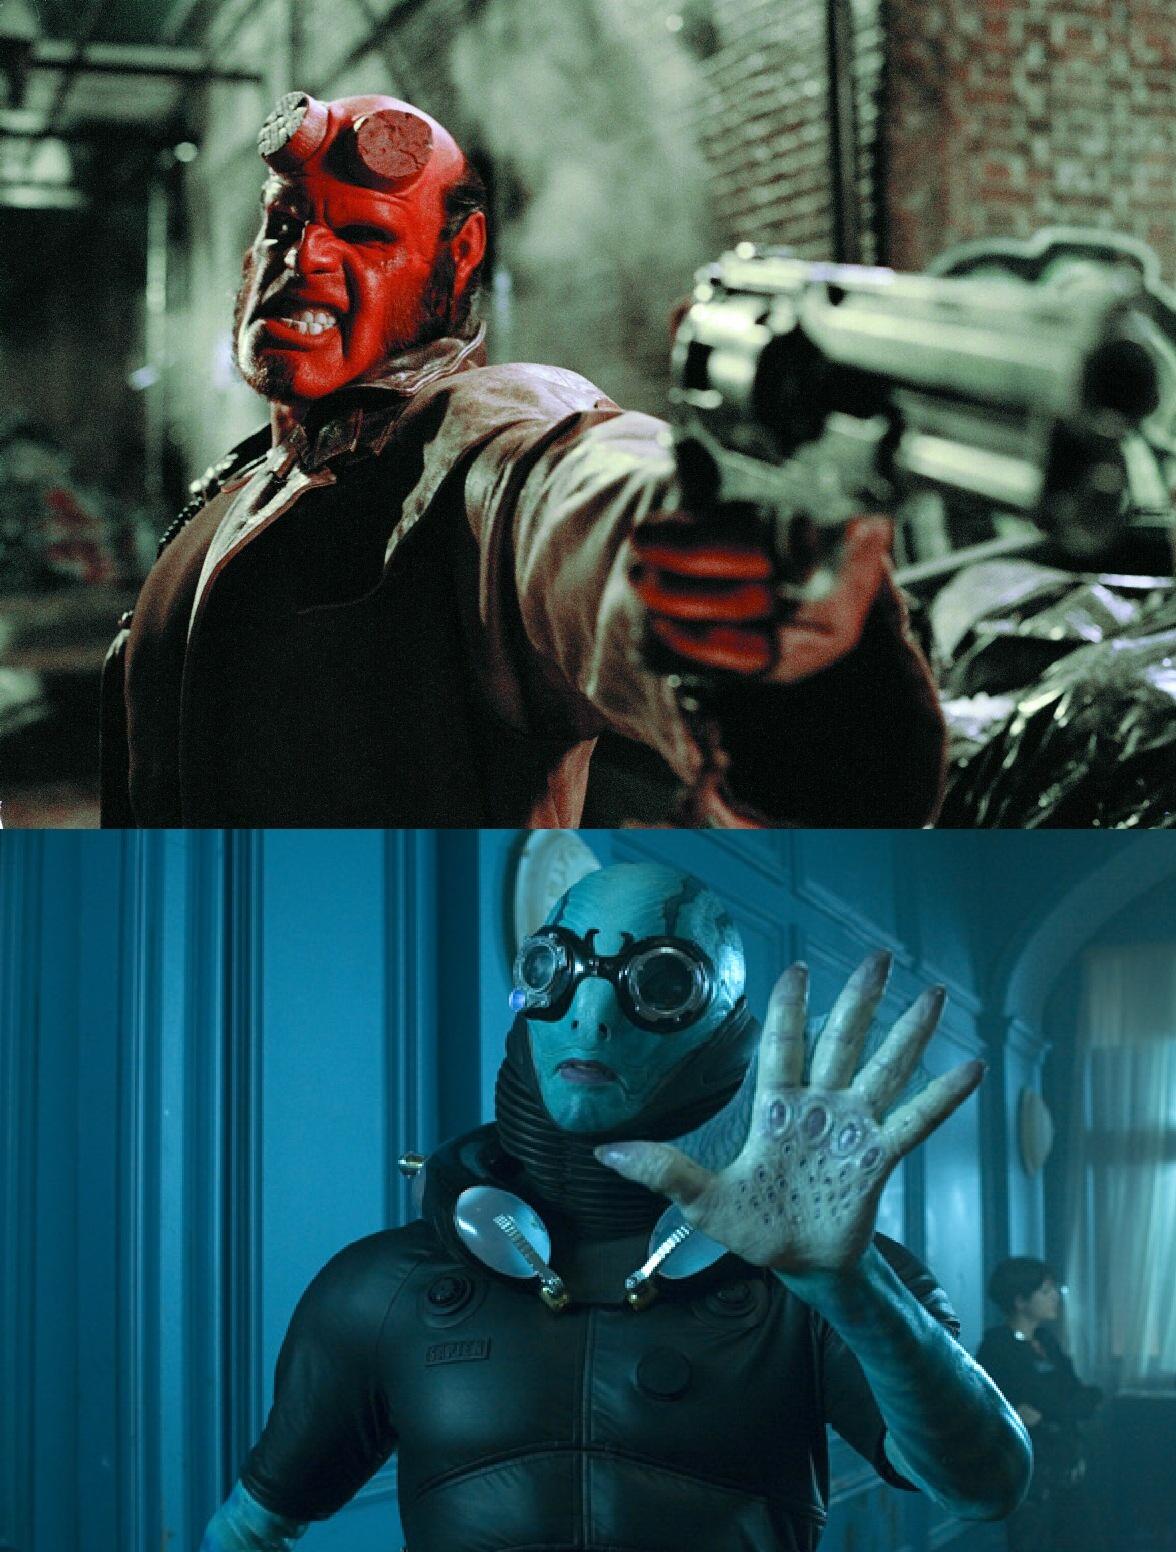 http://4.bp.blogspot.com/-CBOp8365VfE/TyNDV6VTJEI/AAAAAAAABO8/bUc2RlAsdTI/s1600/hellboy+gun.jpg